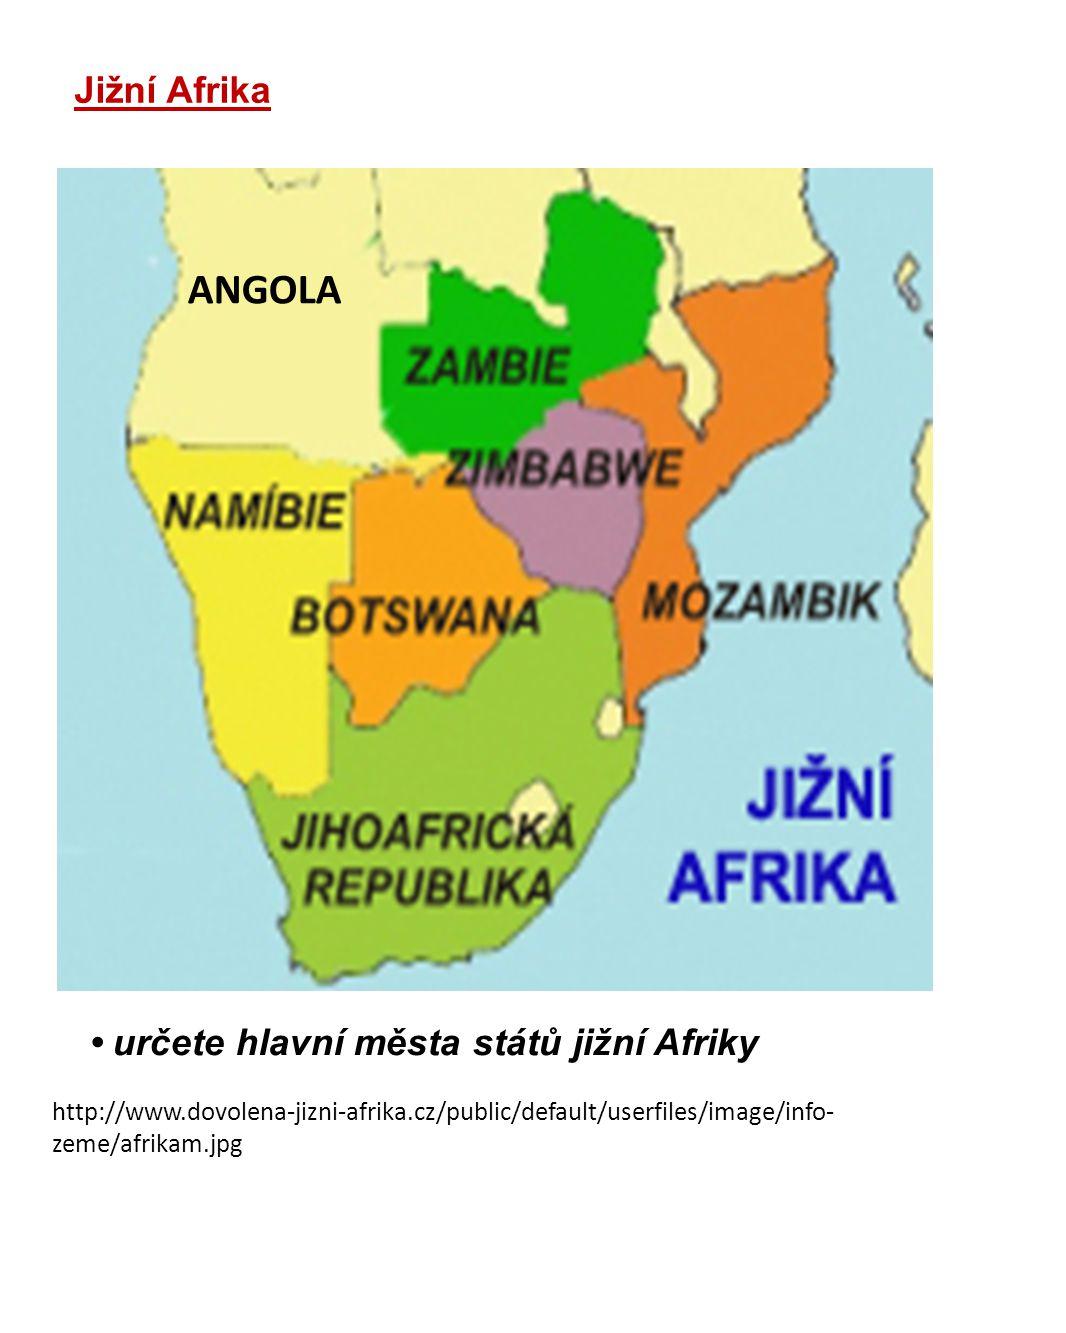 http://www.dovolena-jizni-afrika.cz/public/default/userfiles/image/info- zeme/afrikam.jpg Jižní Afrika • určete hlavní města států jižní Afriky ANGOLA